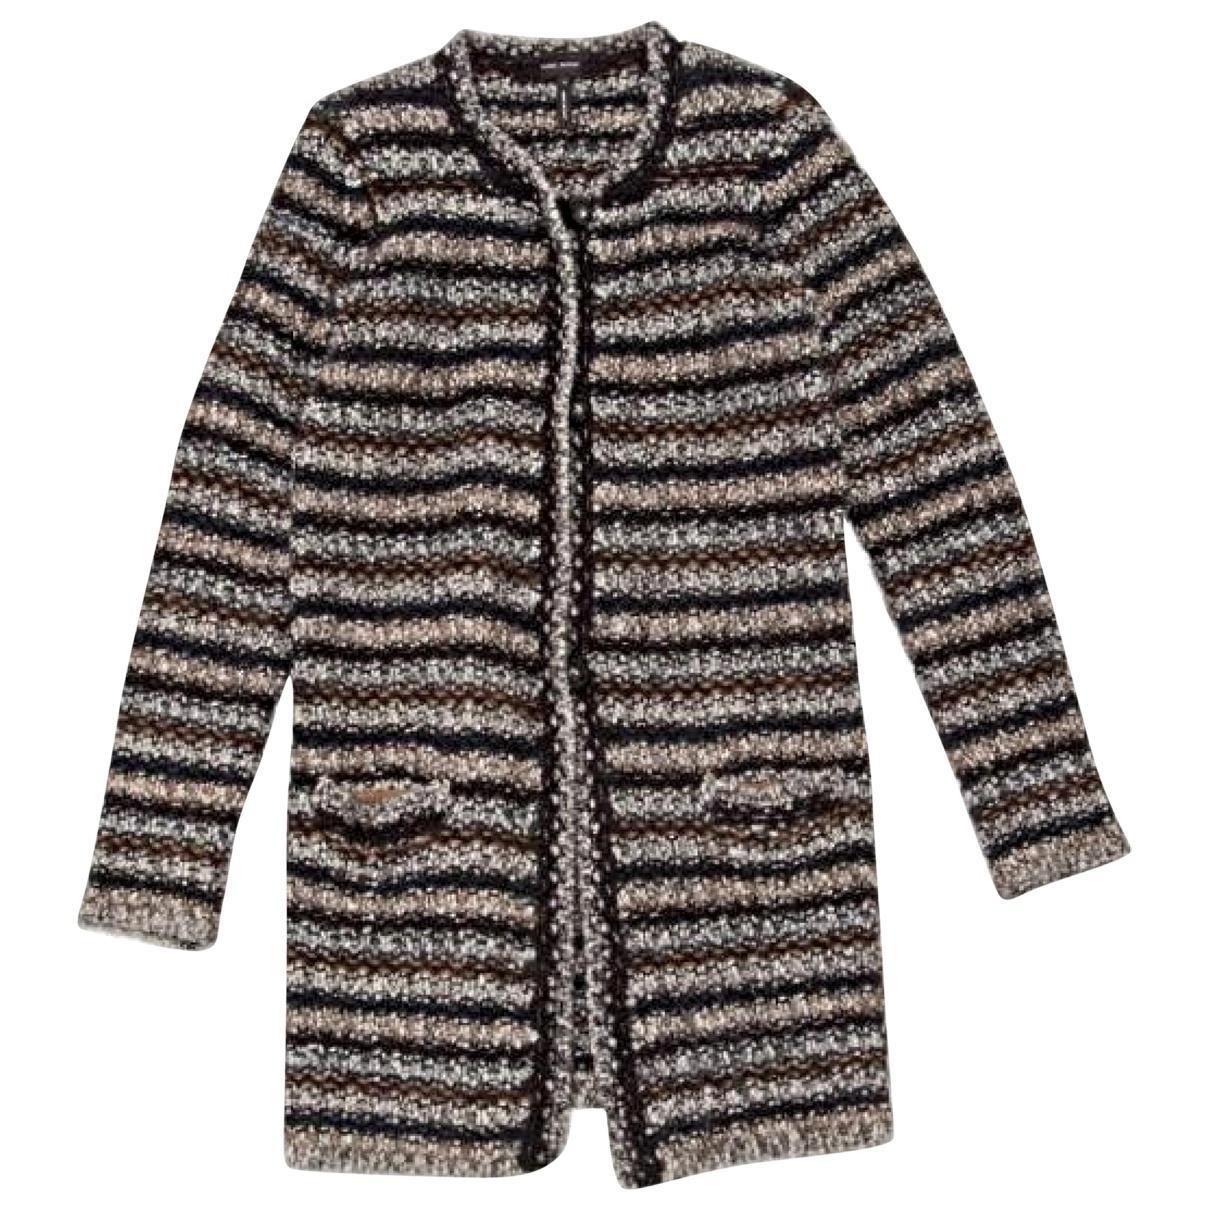 Isabel Marant - Manteau   pour femme en laine - multicolore